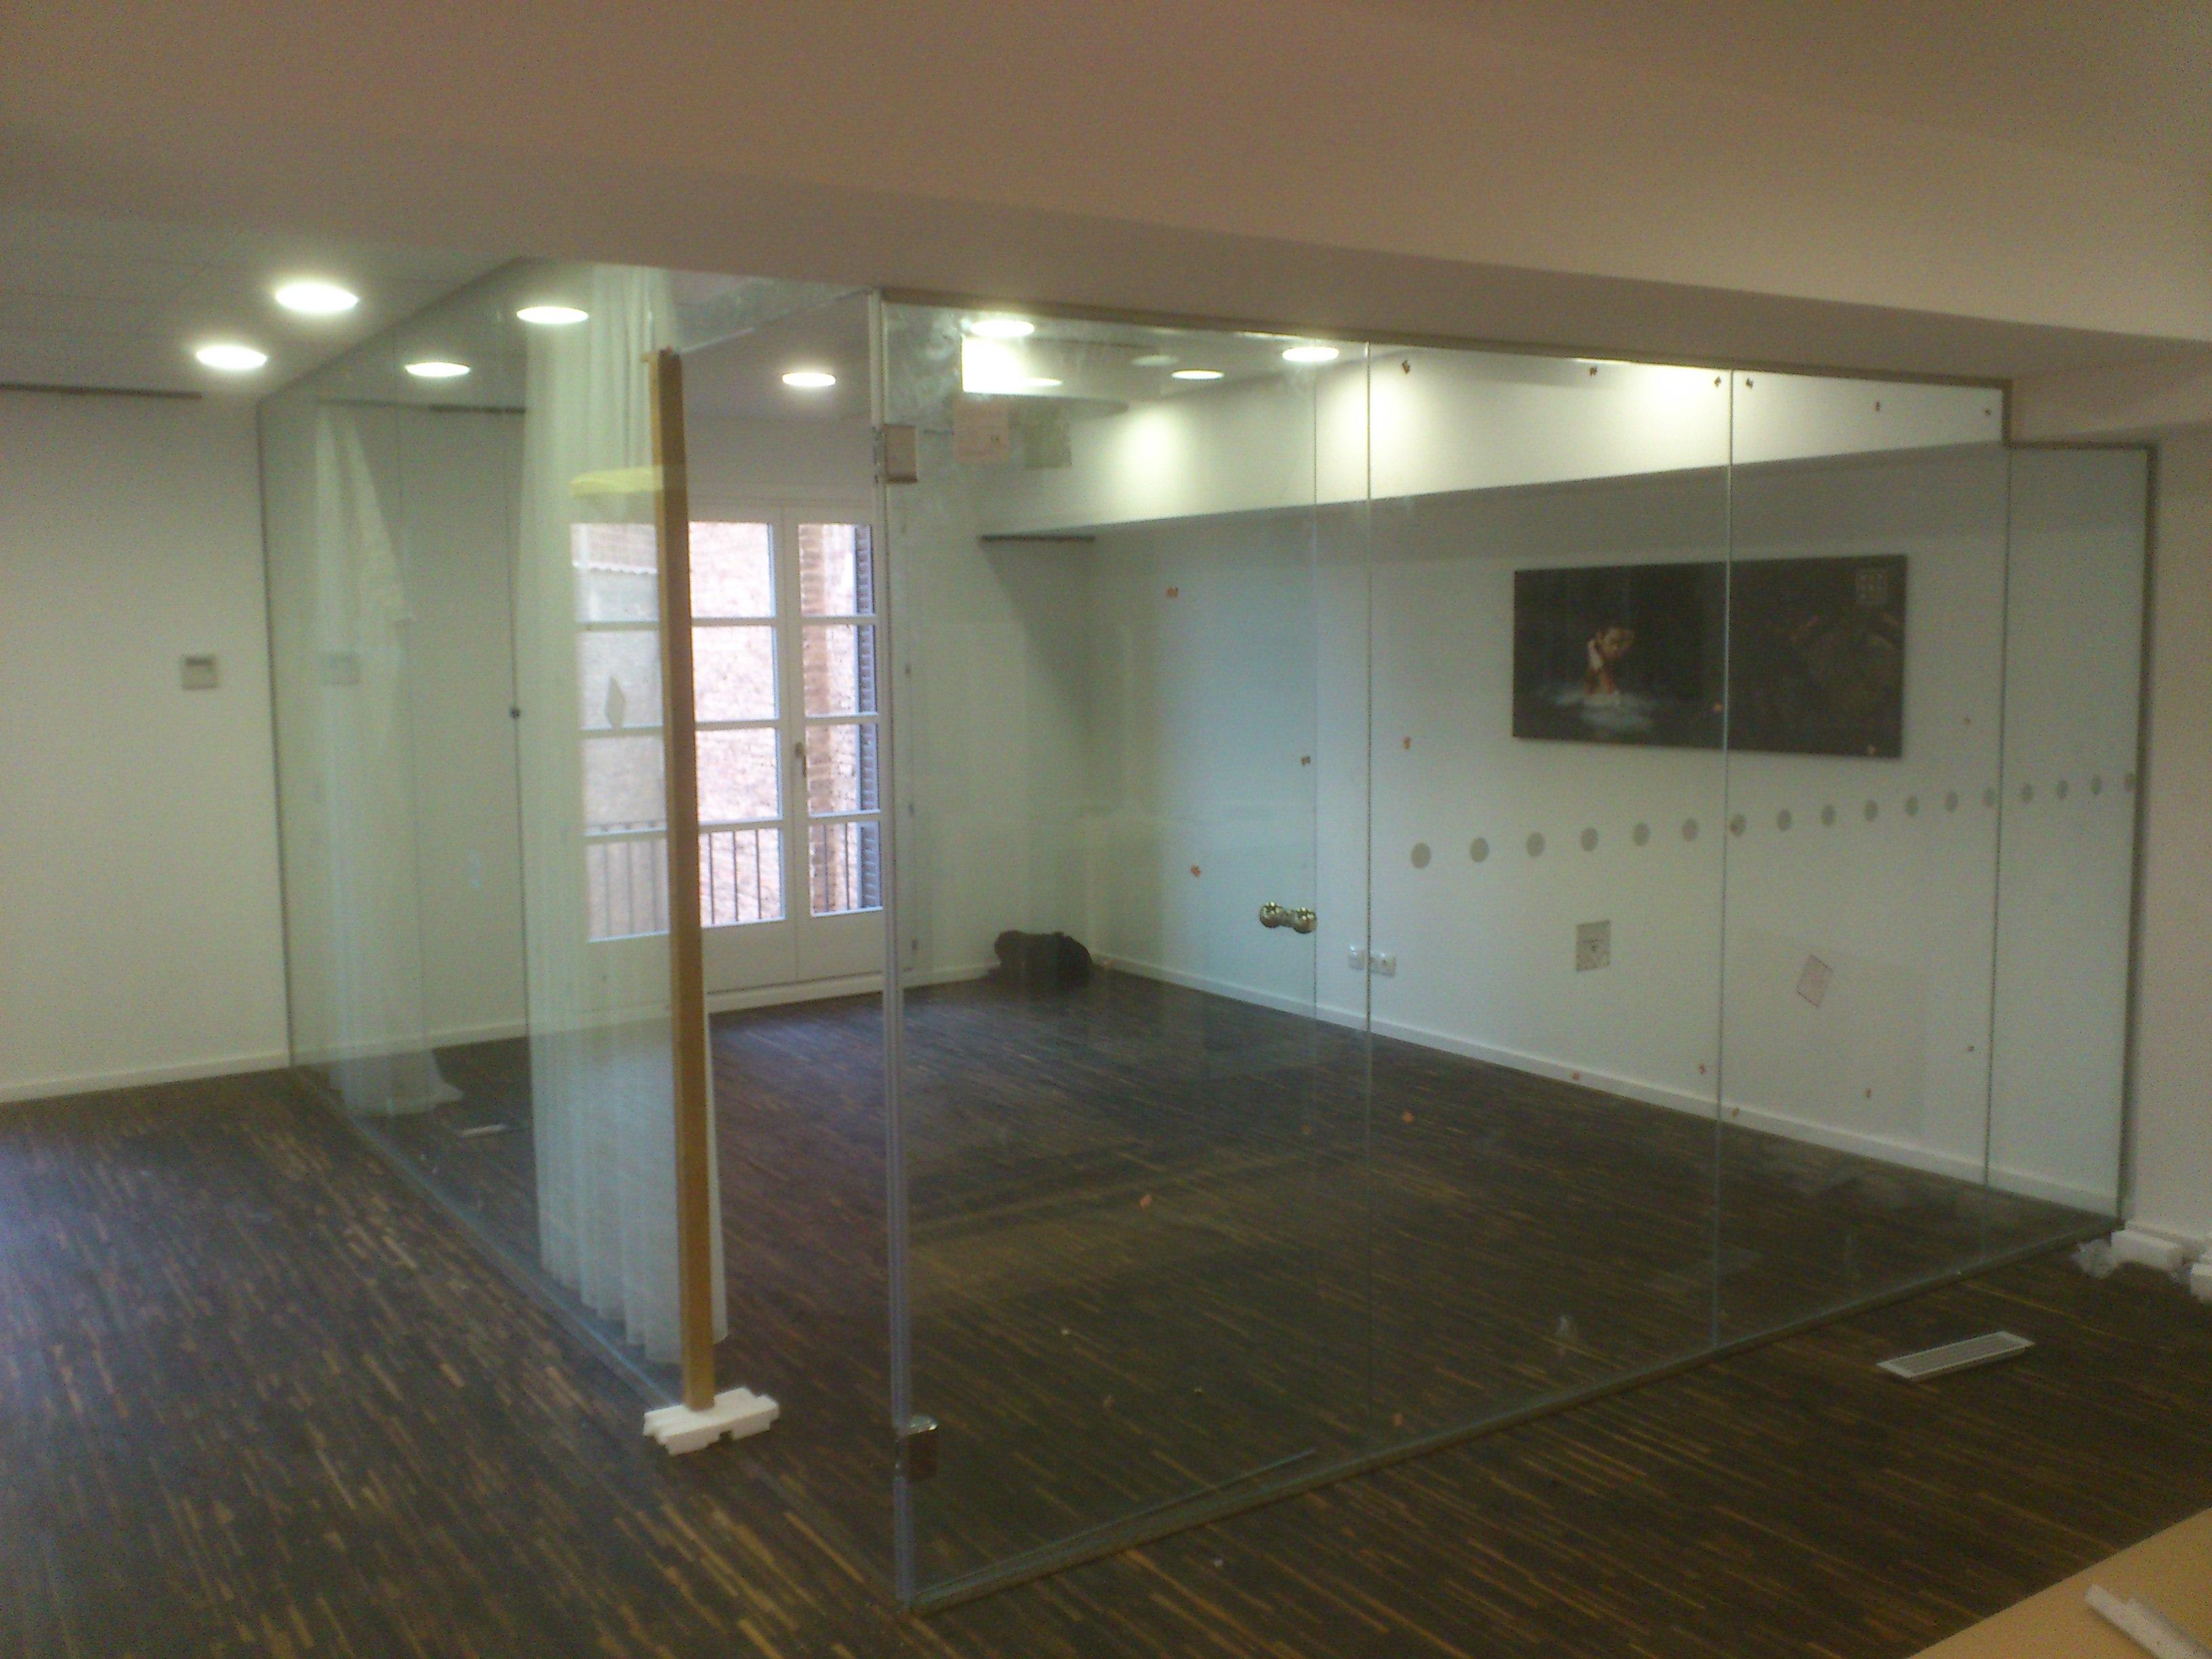 separaciones y divisiones de vidrio con puertas abatibles y fijas